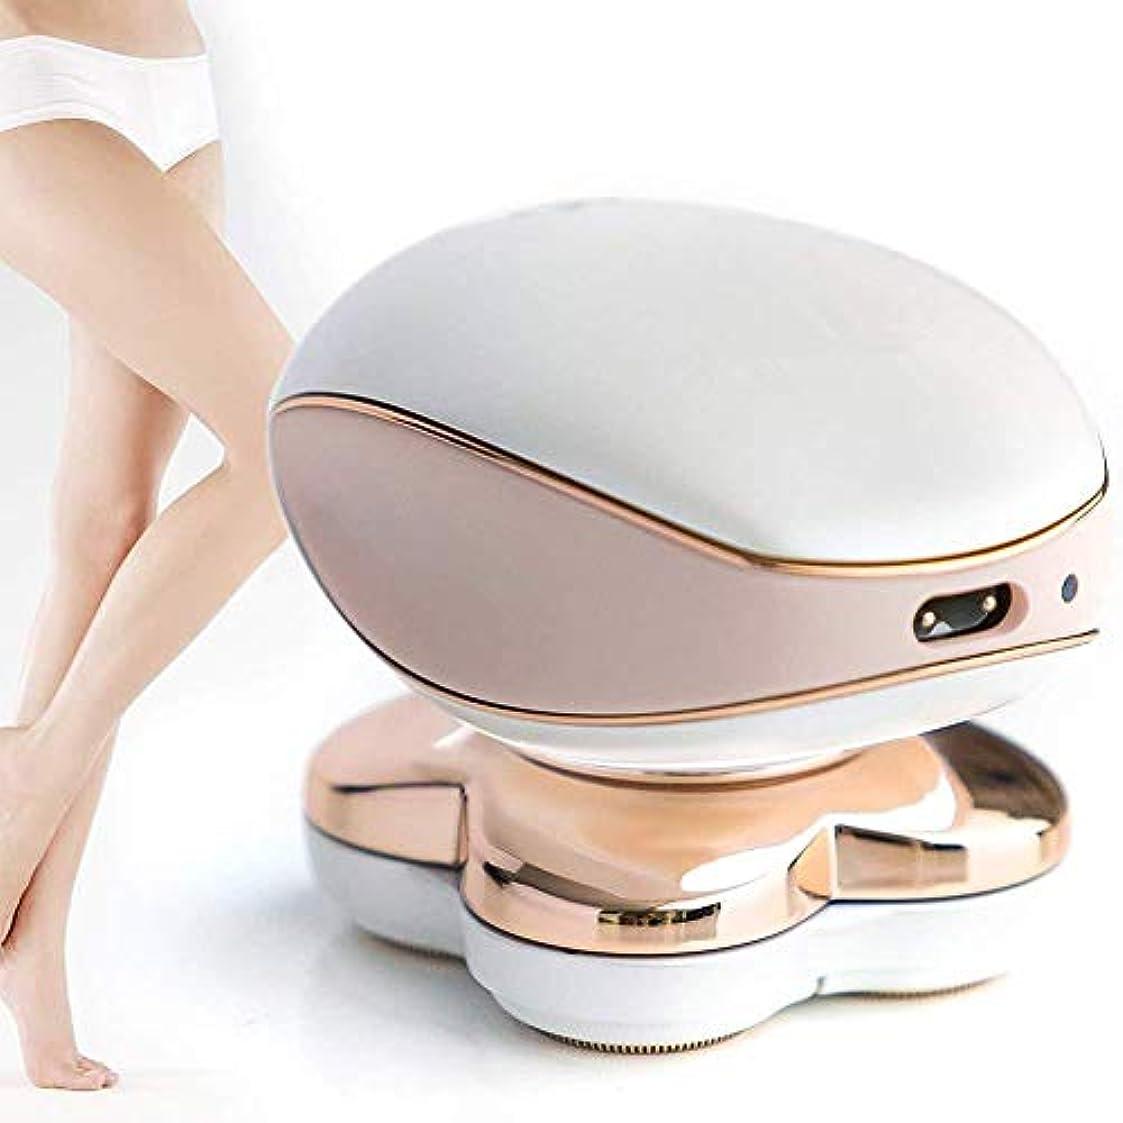 スーパーマーケット更新出撃者女性の足のための痛みのない電気かみそりフェイスリップビキニエリア充電式インスタント脱毛器シェーバートリマー